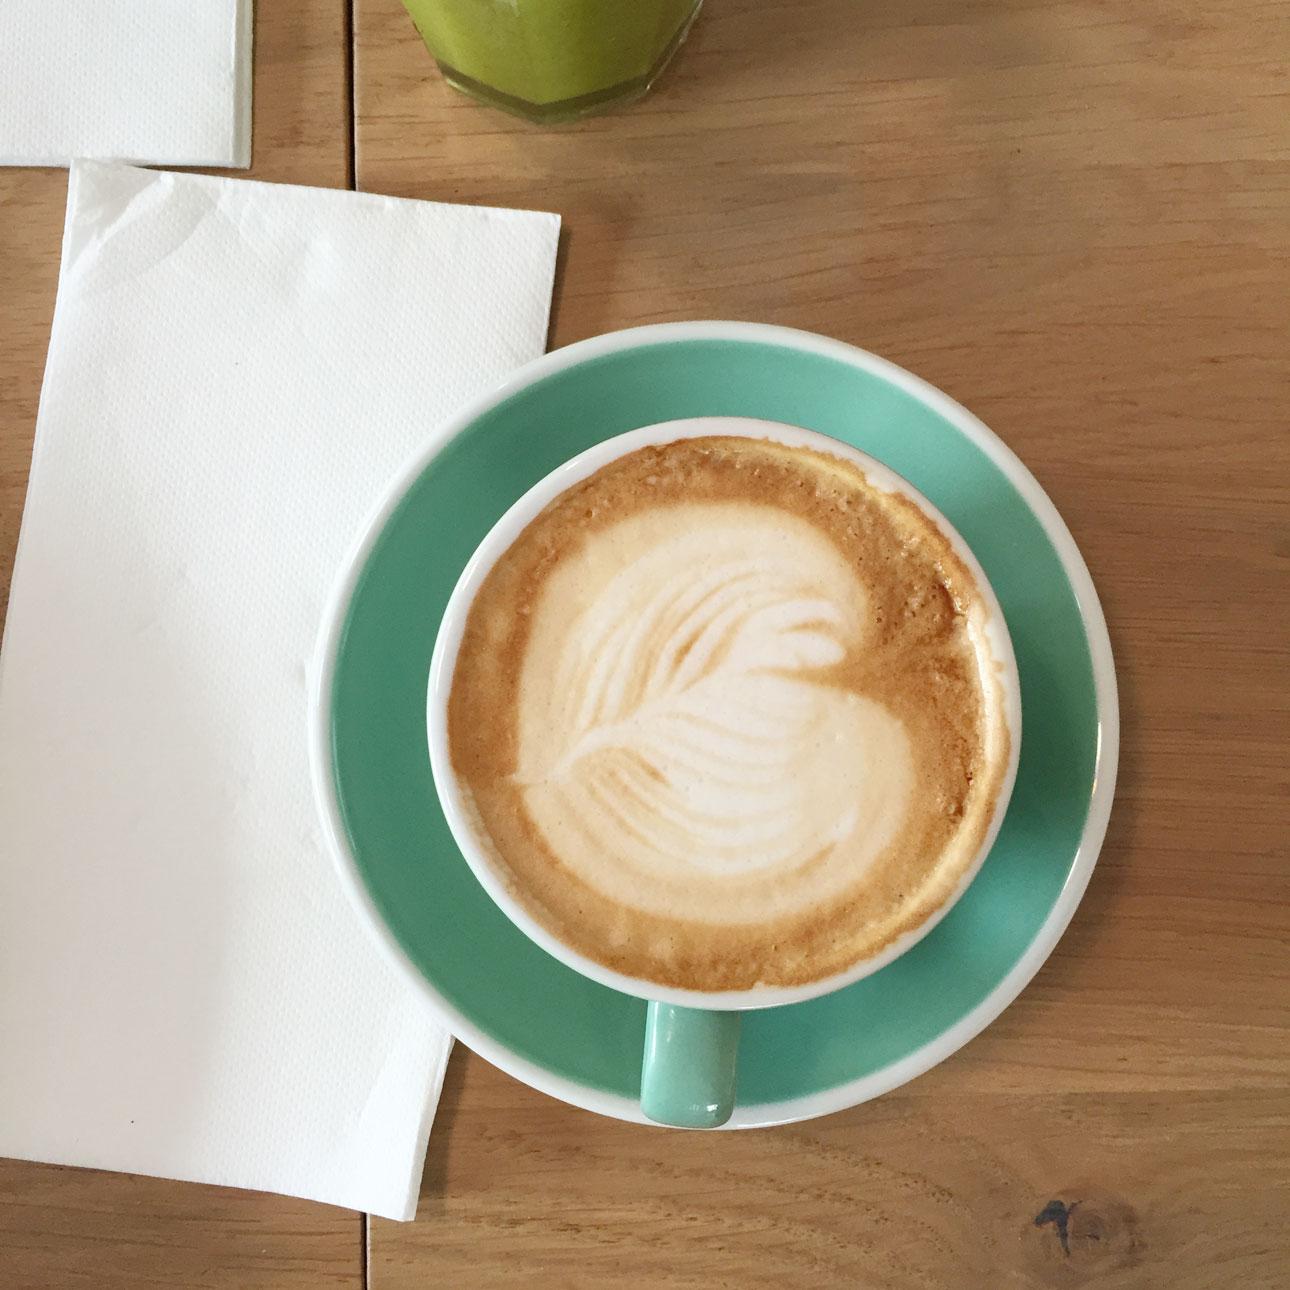 plog verjaardag 14-6-16 koffie hart